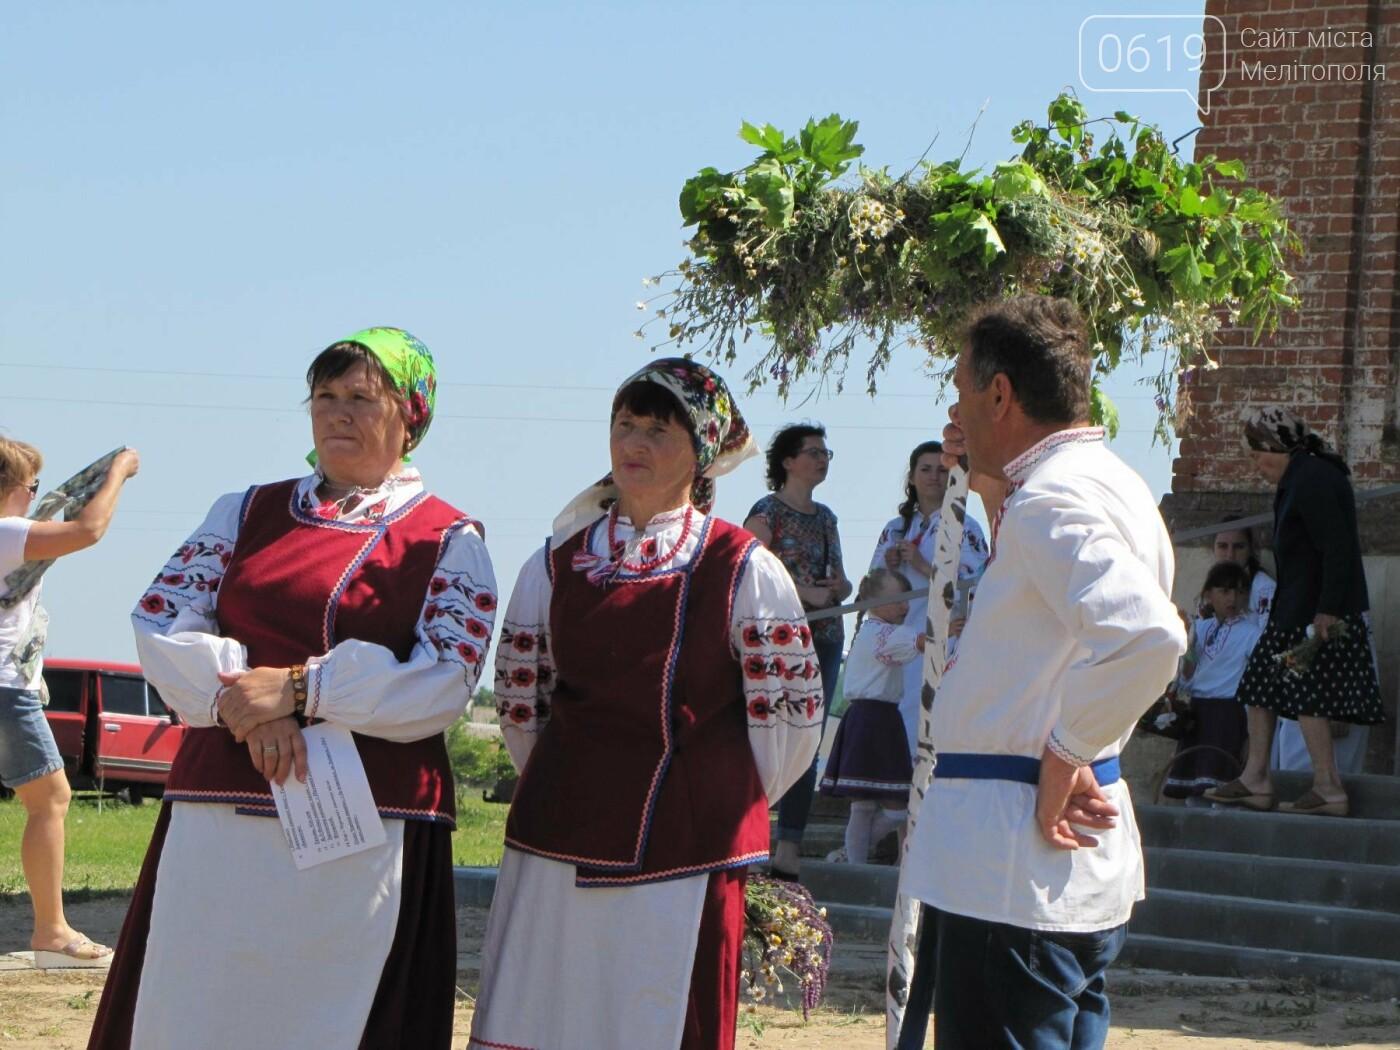 Жители Мелитопольщины отпраздновали Троицу, фото-2